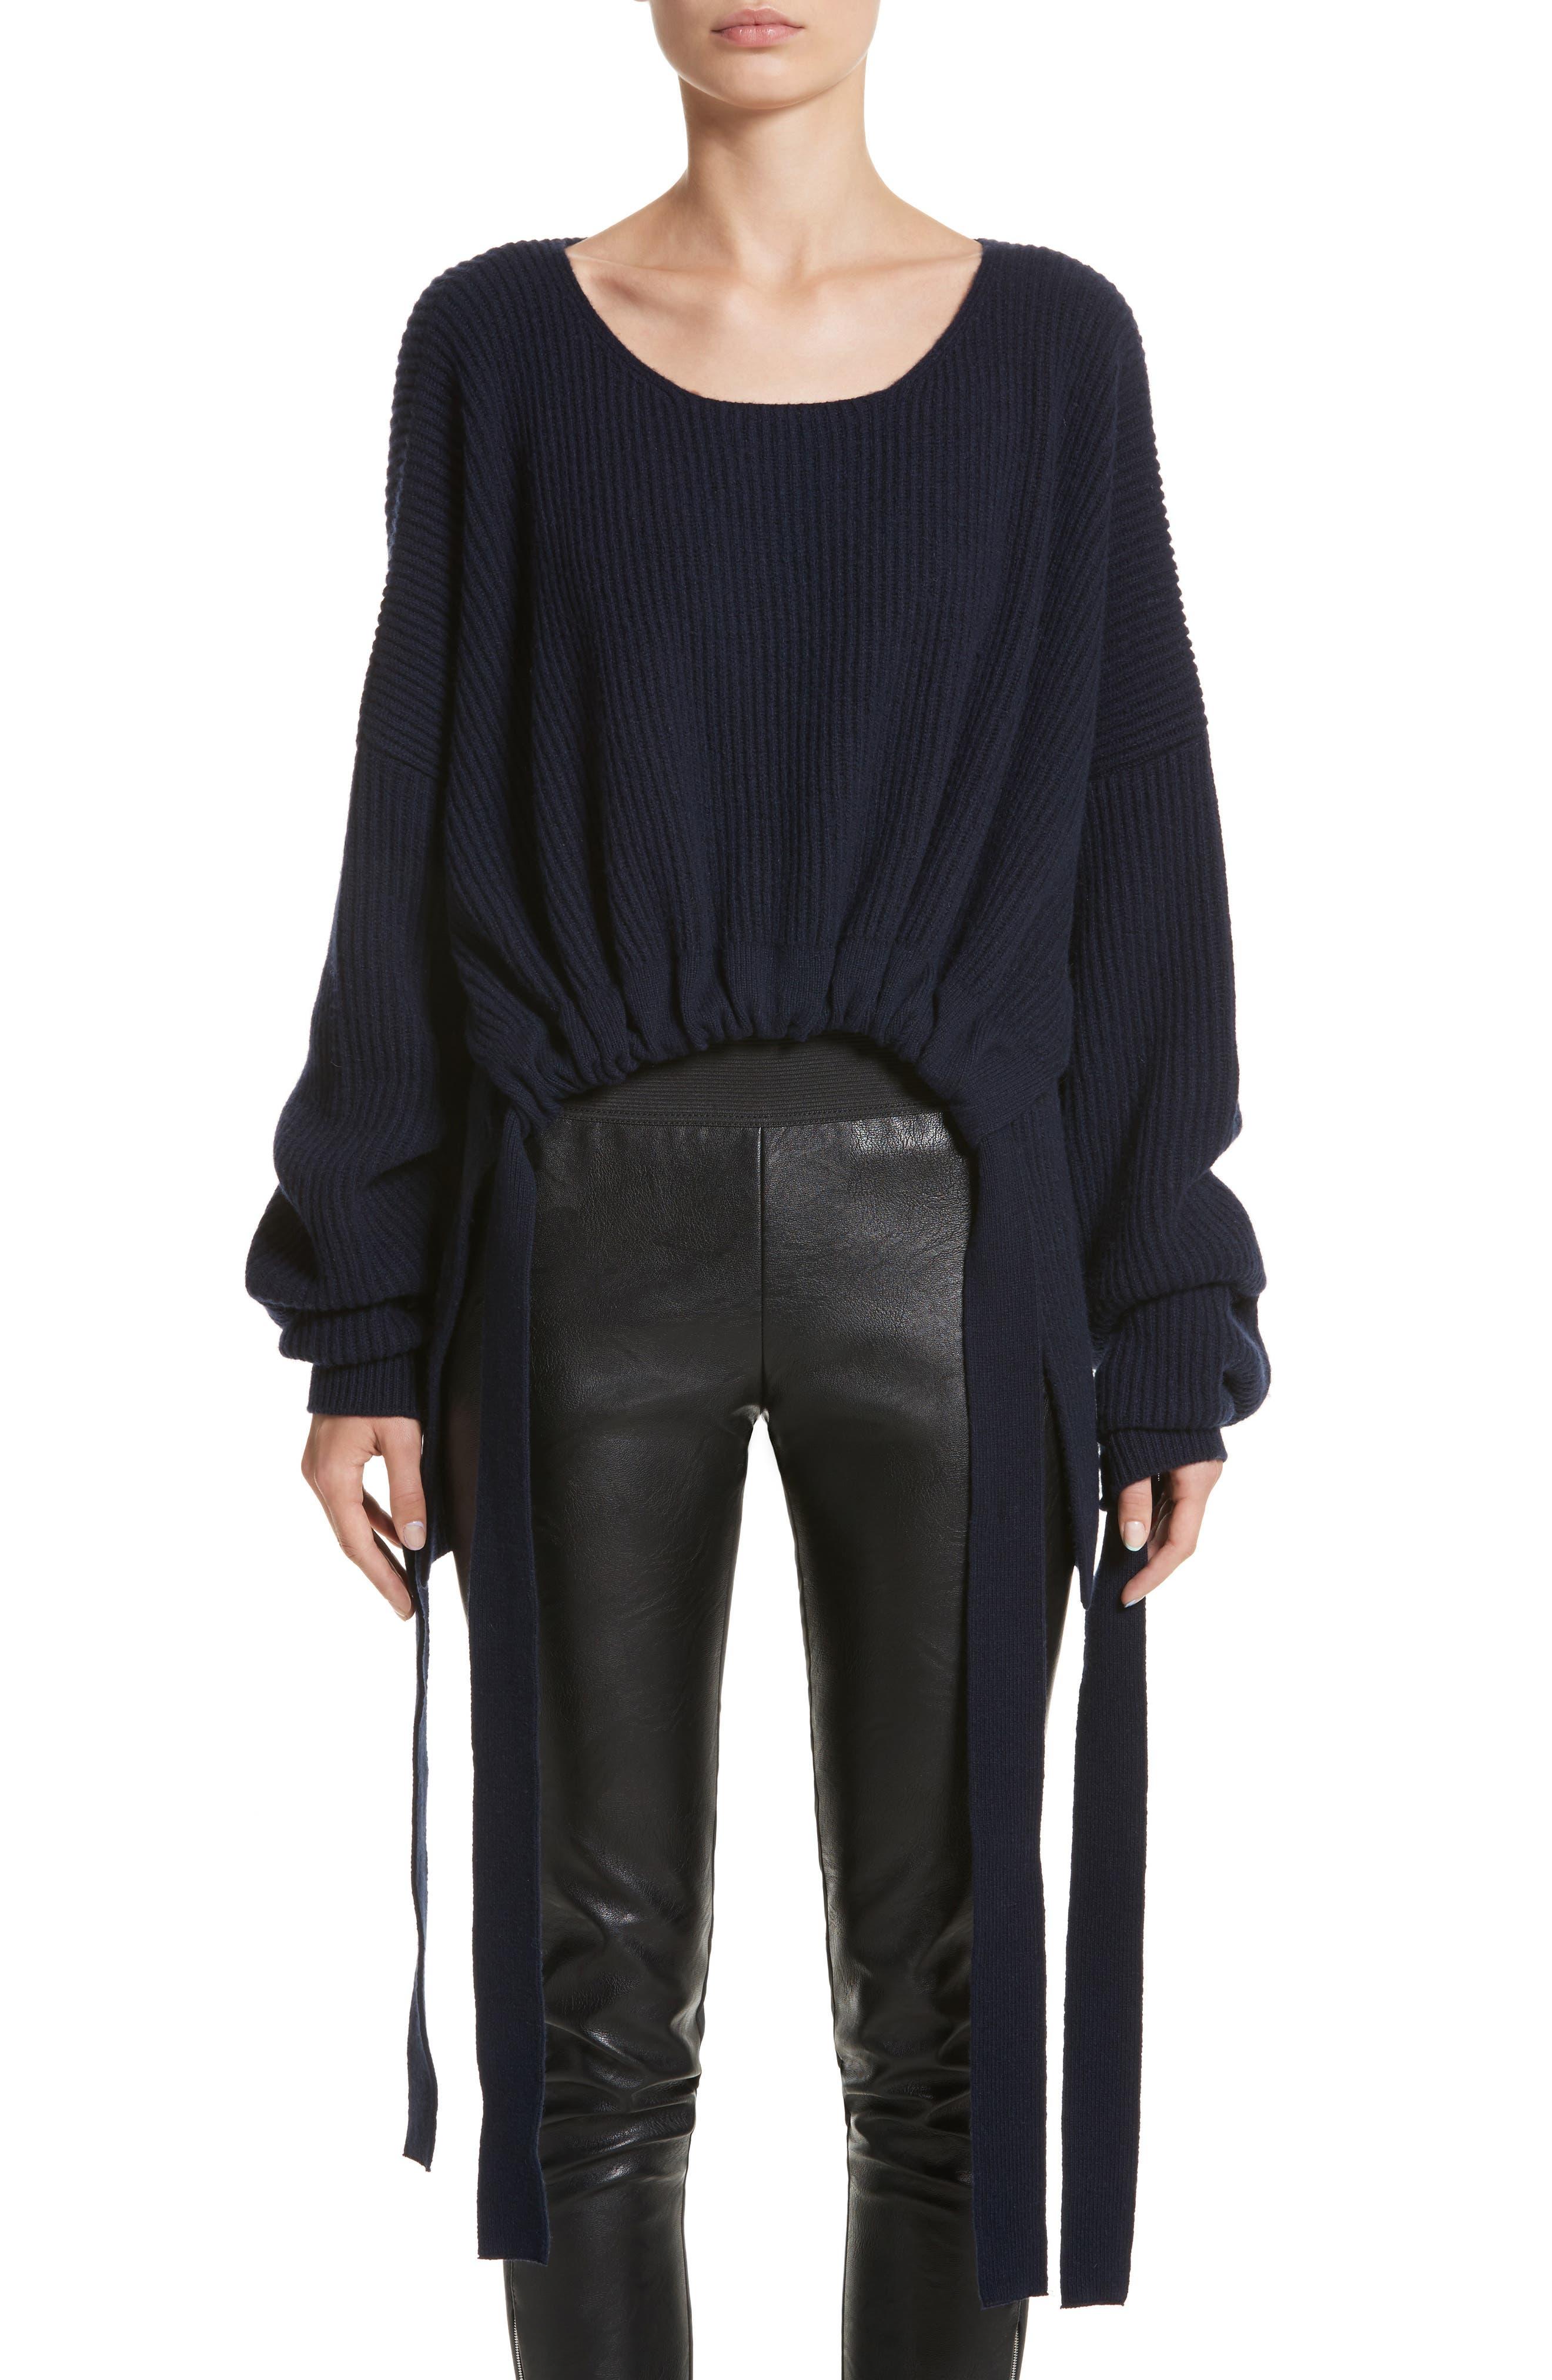 Stella McCartney Gathered Cashmere & Wool Sweater